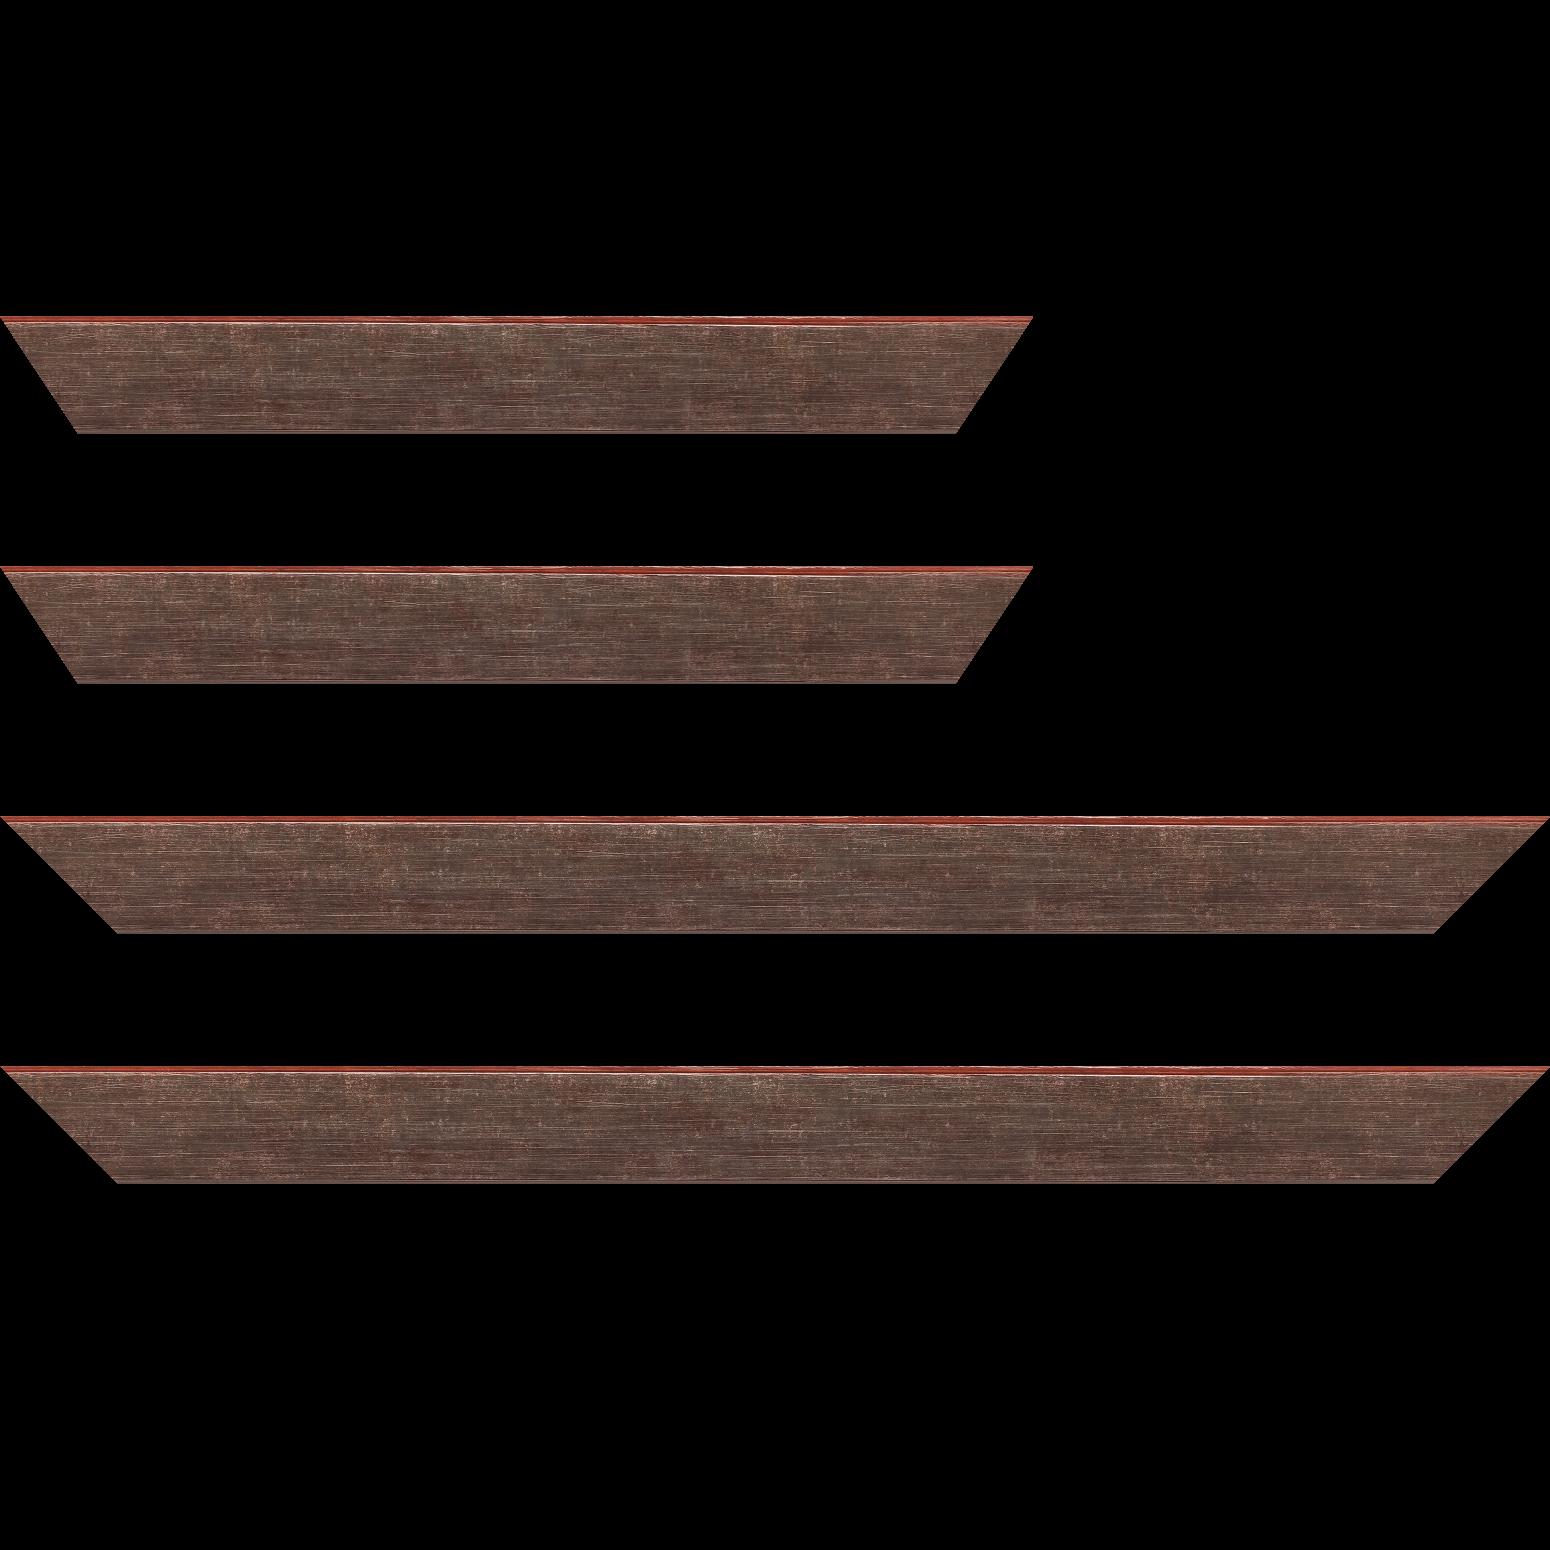 Baguette service précoupé bois profil plat incliné largeur 3.7cm couleur bordeaux lie de vin effet ressuyé